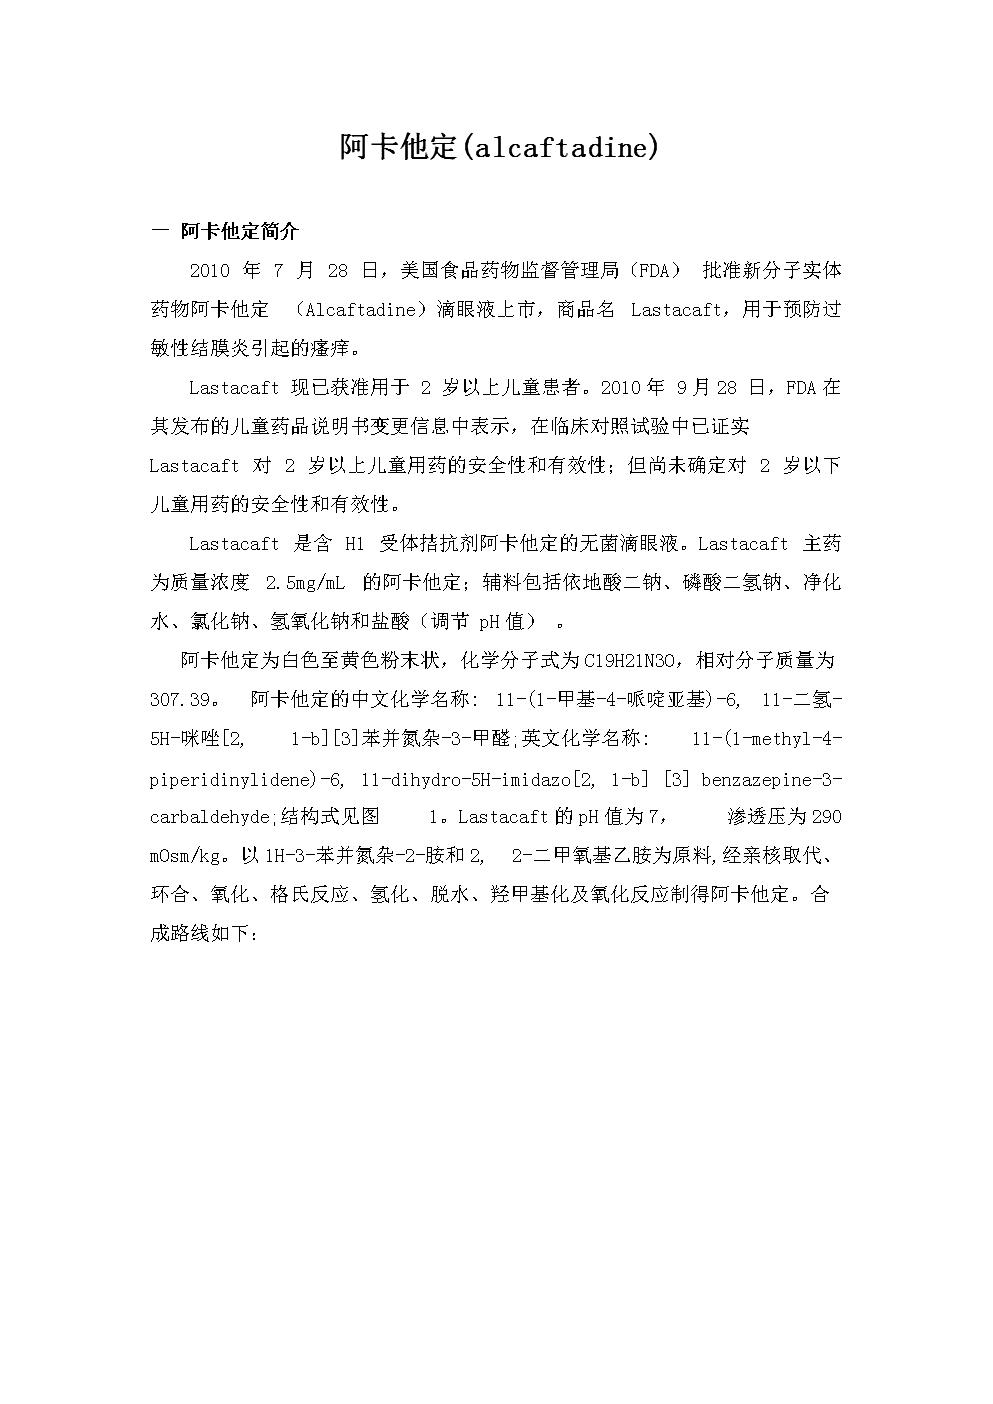 阿卡他定(alcaftadine).doc